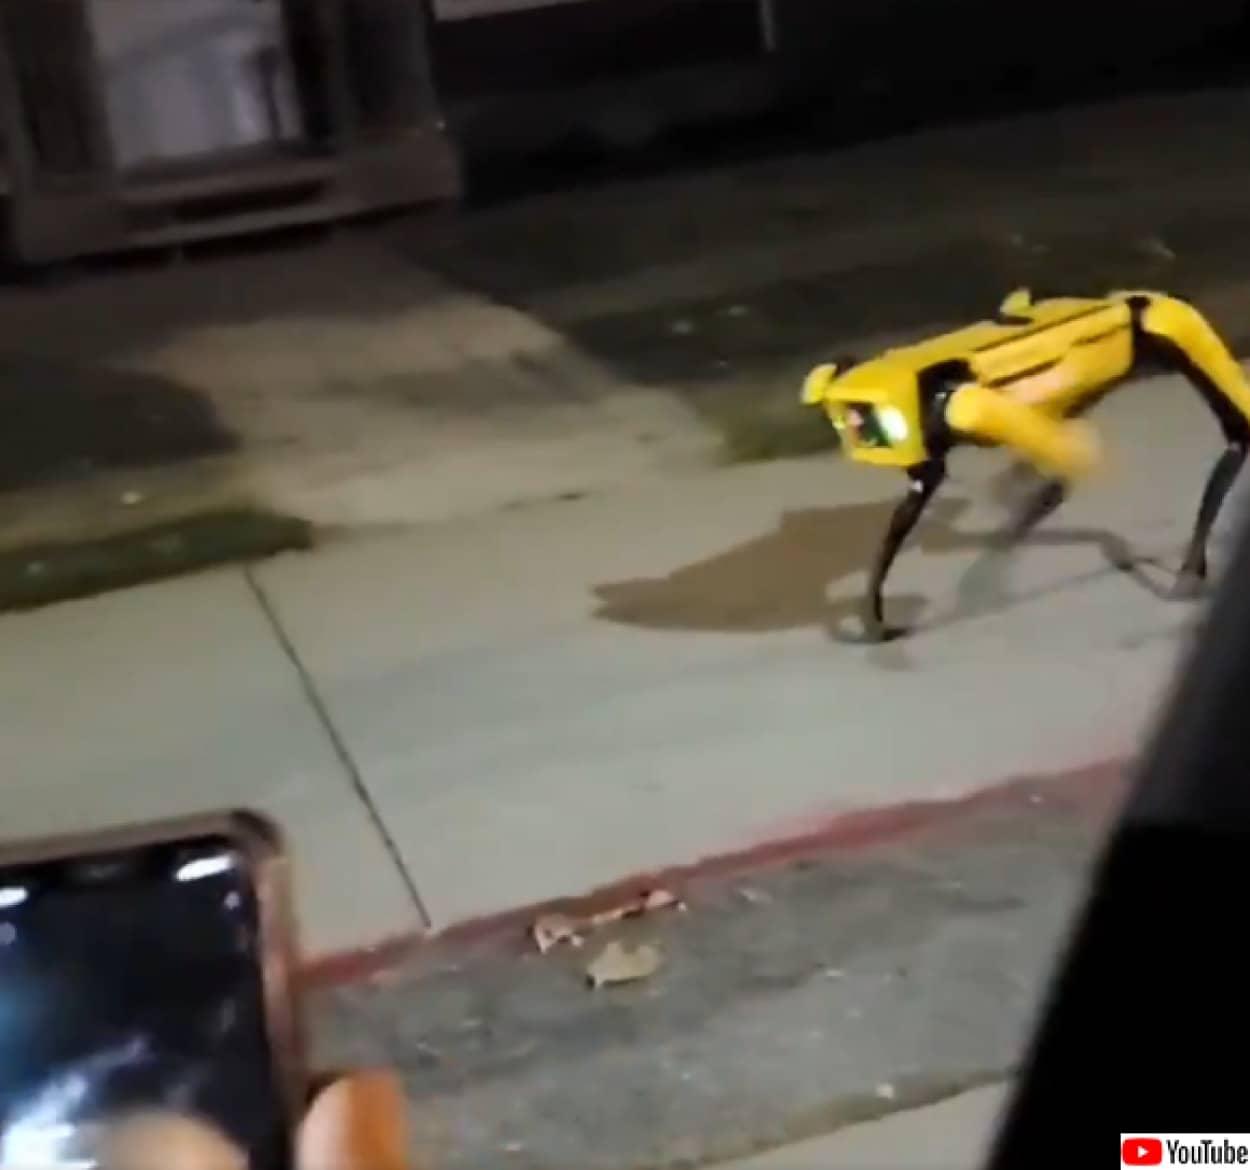 犬型ロボット「spot」にばったり遭遇